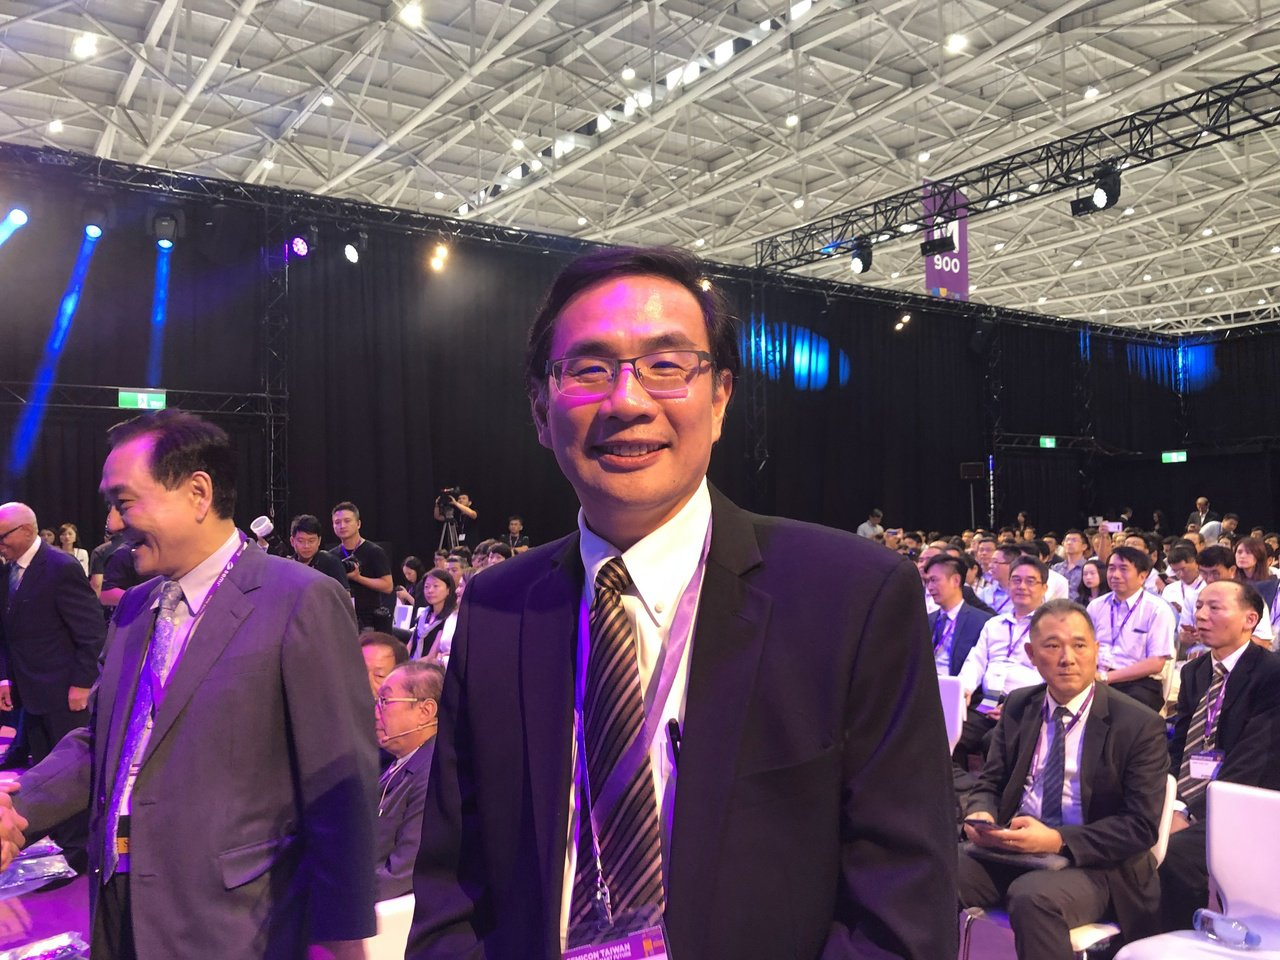 鴻海s次副總陳偉銘今日出席SEMICON 台灣並發表演講。記者尹慧中/攝影